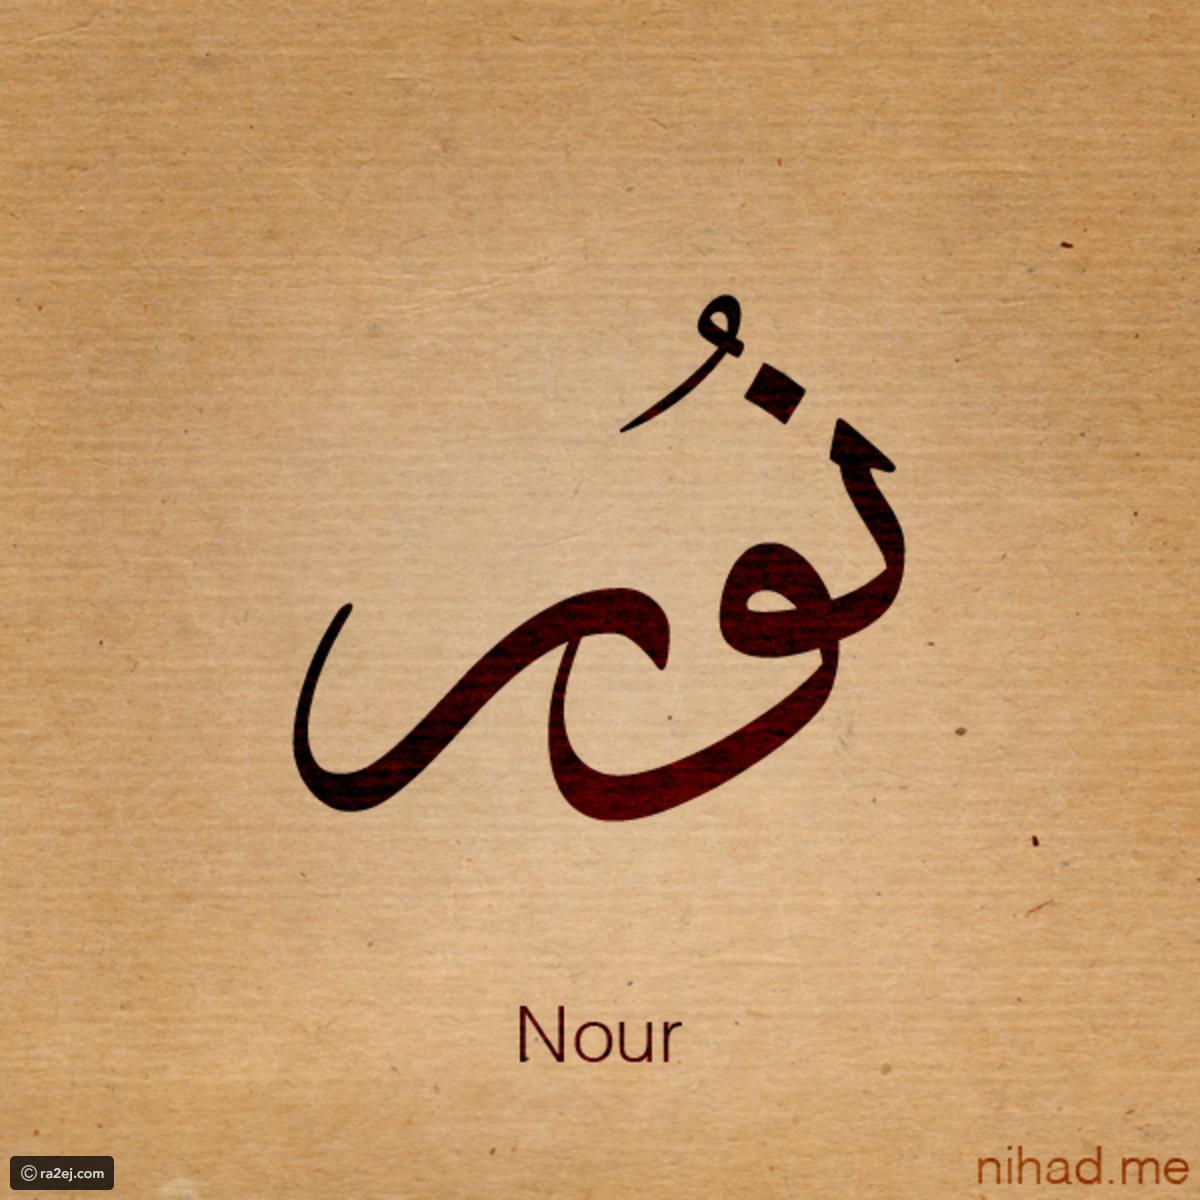 صورة معنى اسم نور الدين , اسماء جميلة و مميزة